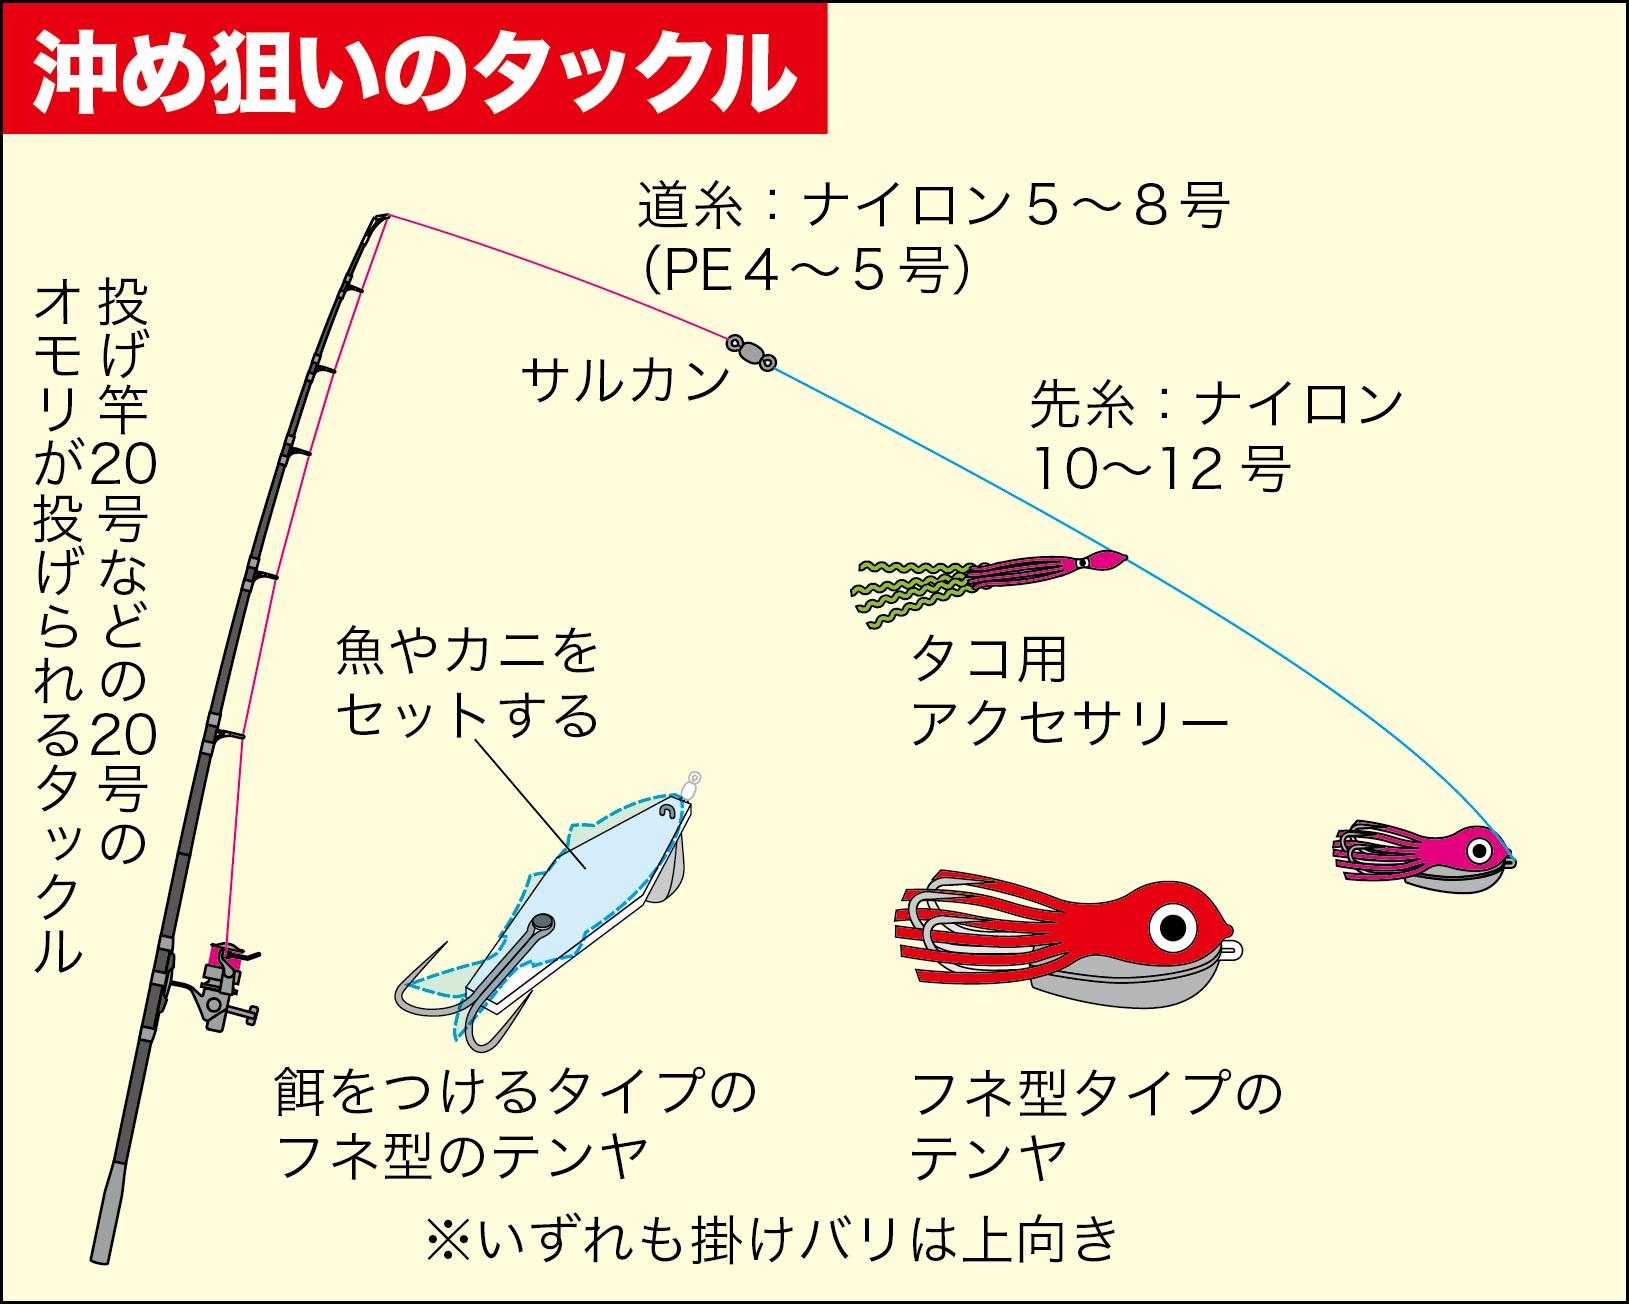 タコ 釣り シーズン